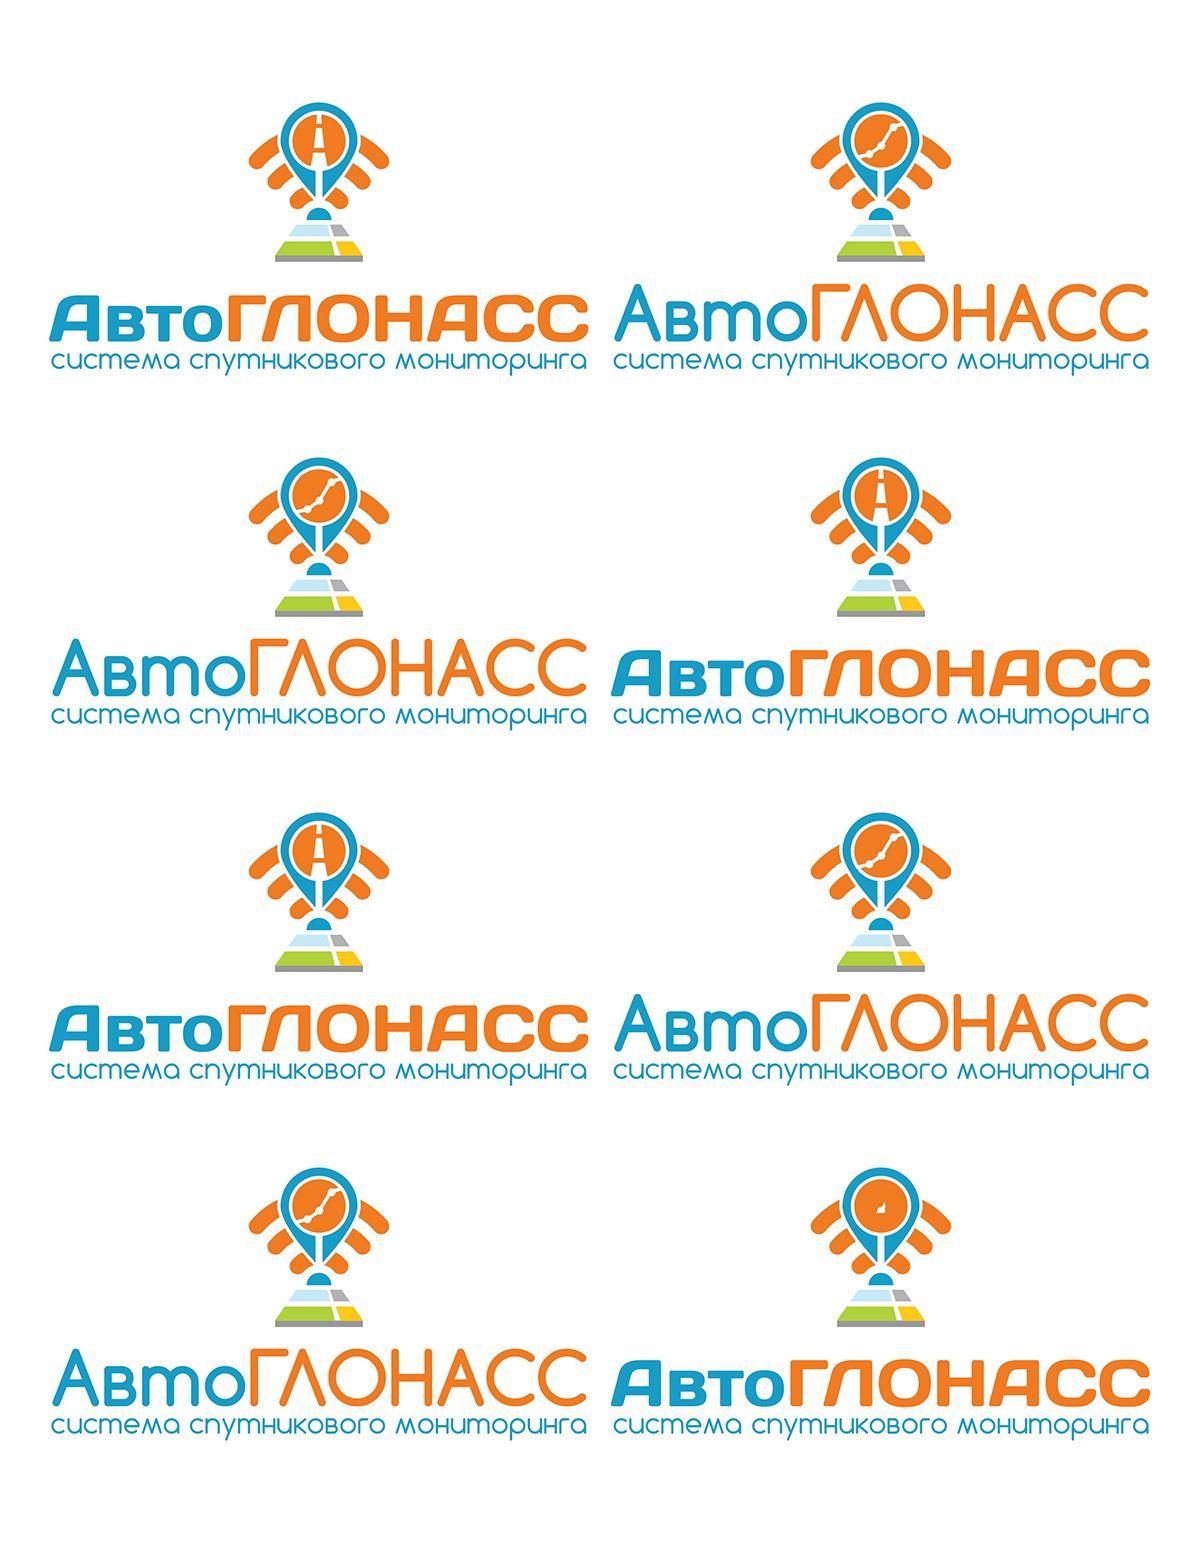 Логотип и фирменный стиль проекта АвтоГЛОНАСС - дизайнер vadimsoloviev